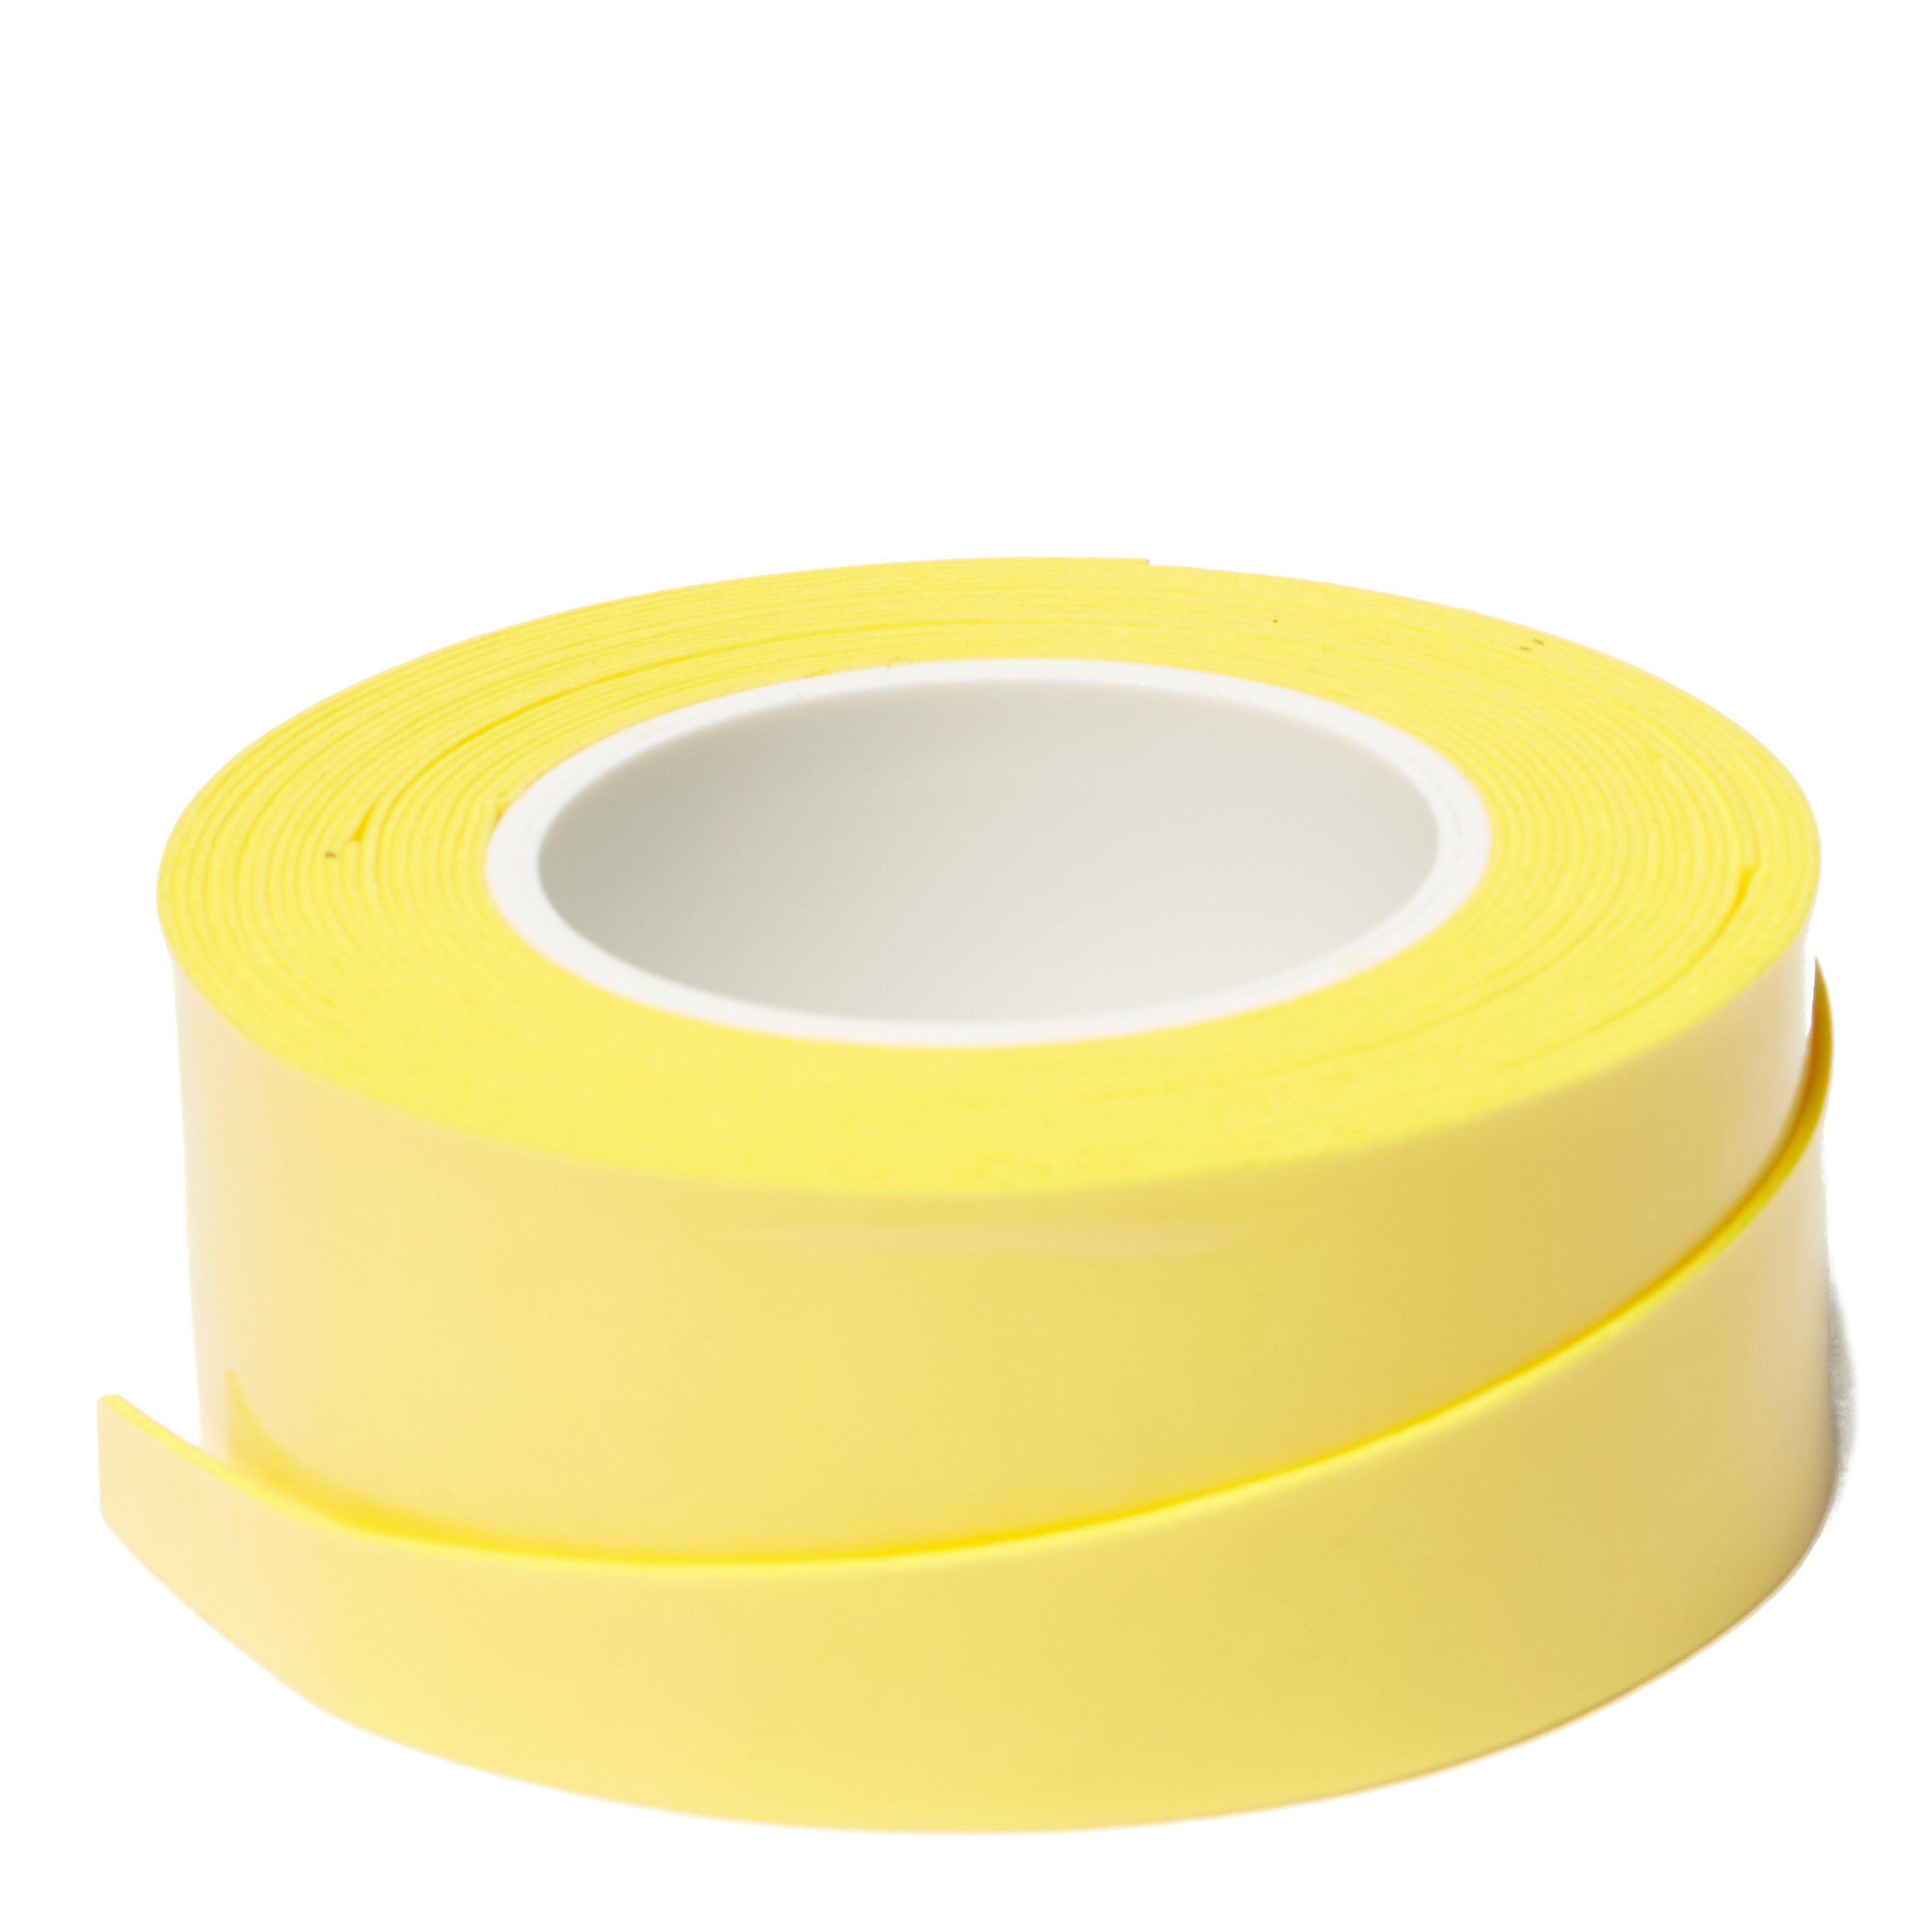 Yonex Super Grap Synthetic Grip (3 Per Pack)